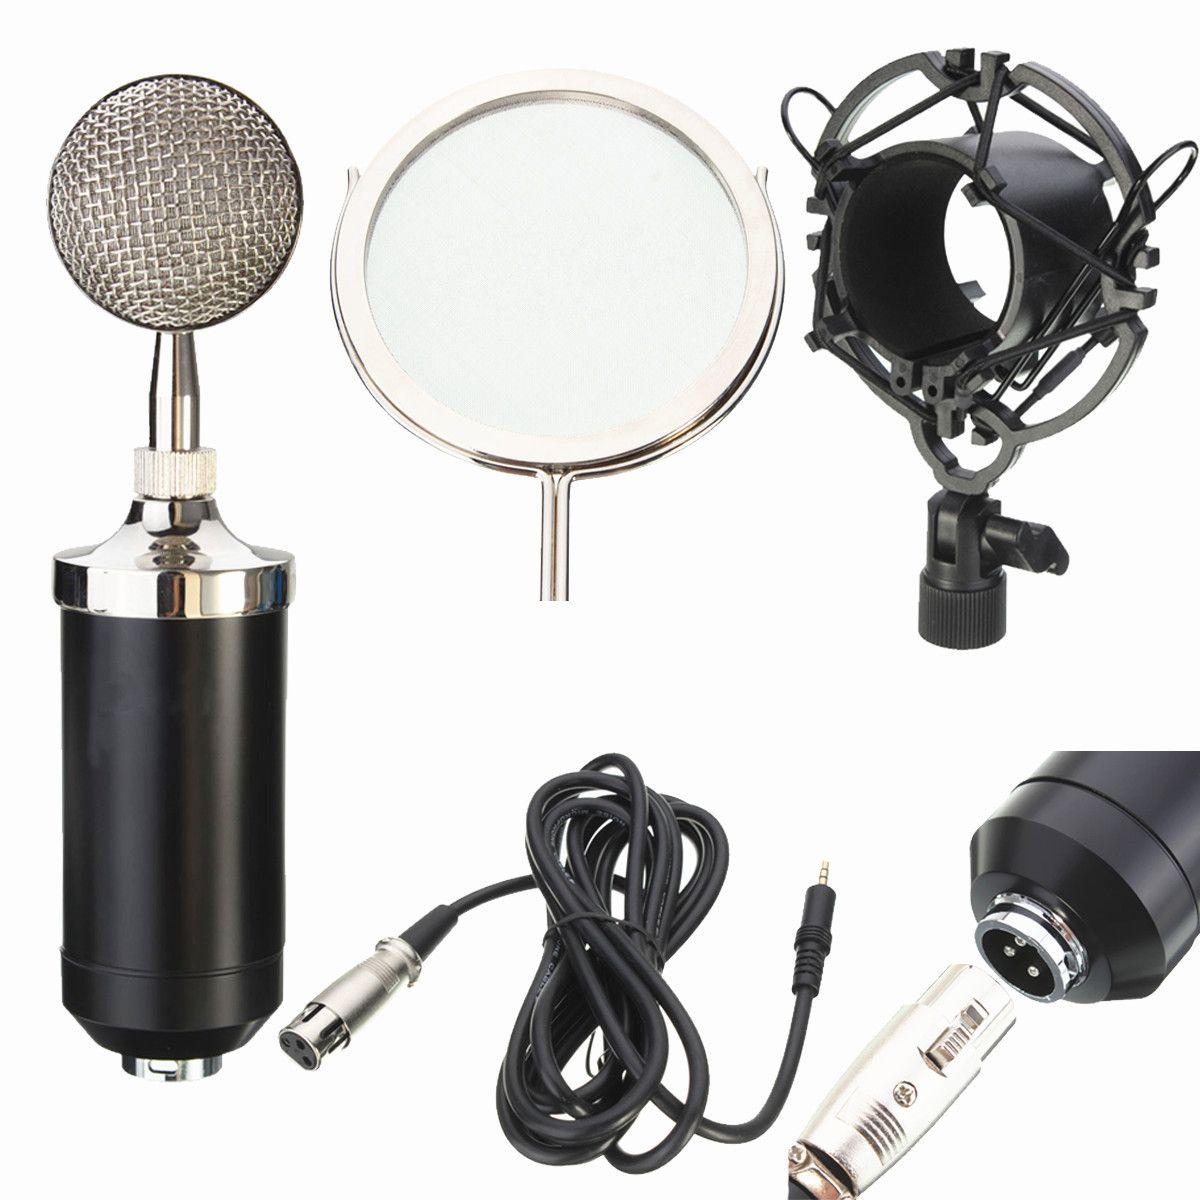 LEORY Professional Sound Dynamische Kondensator Mic Studio Audio Aufnahme Kondensator Mikrofon für Rundfunk KTV Singen